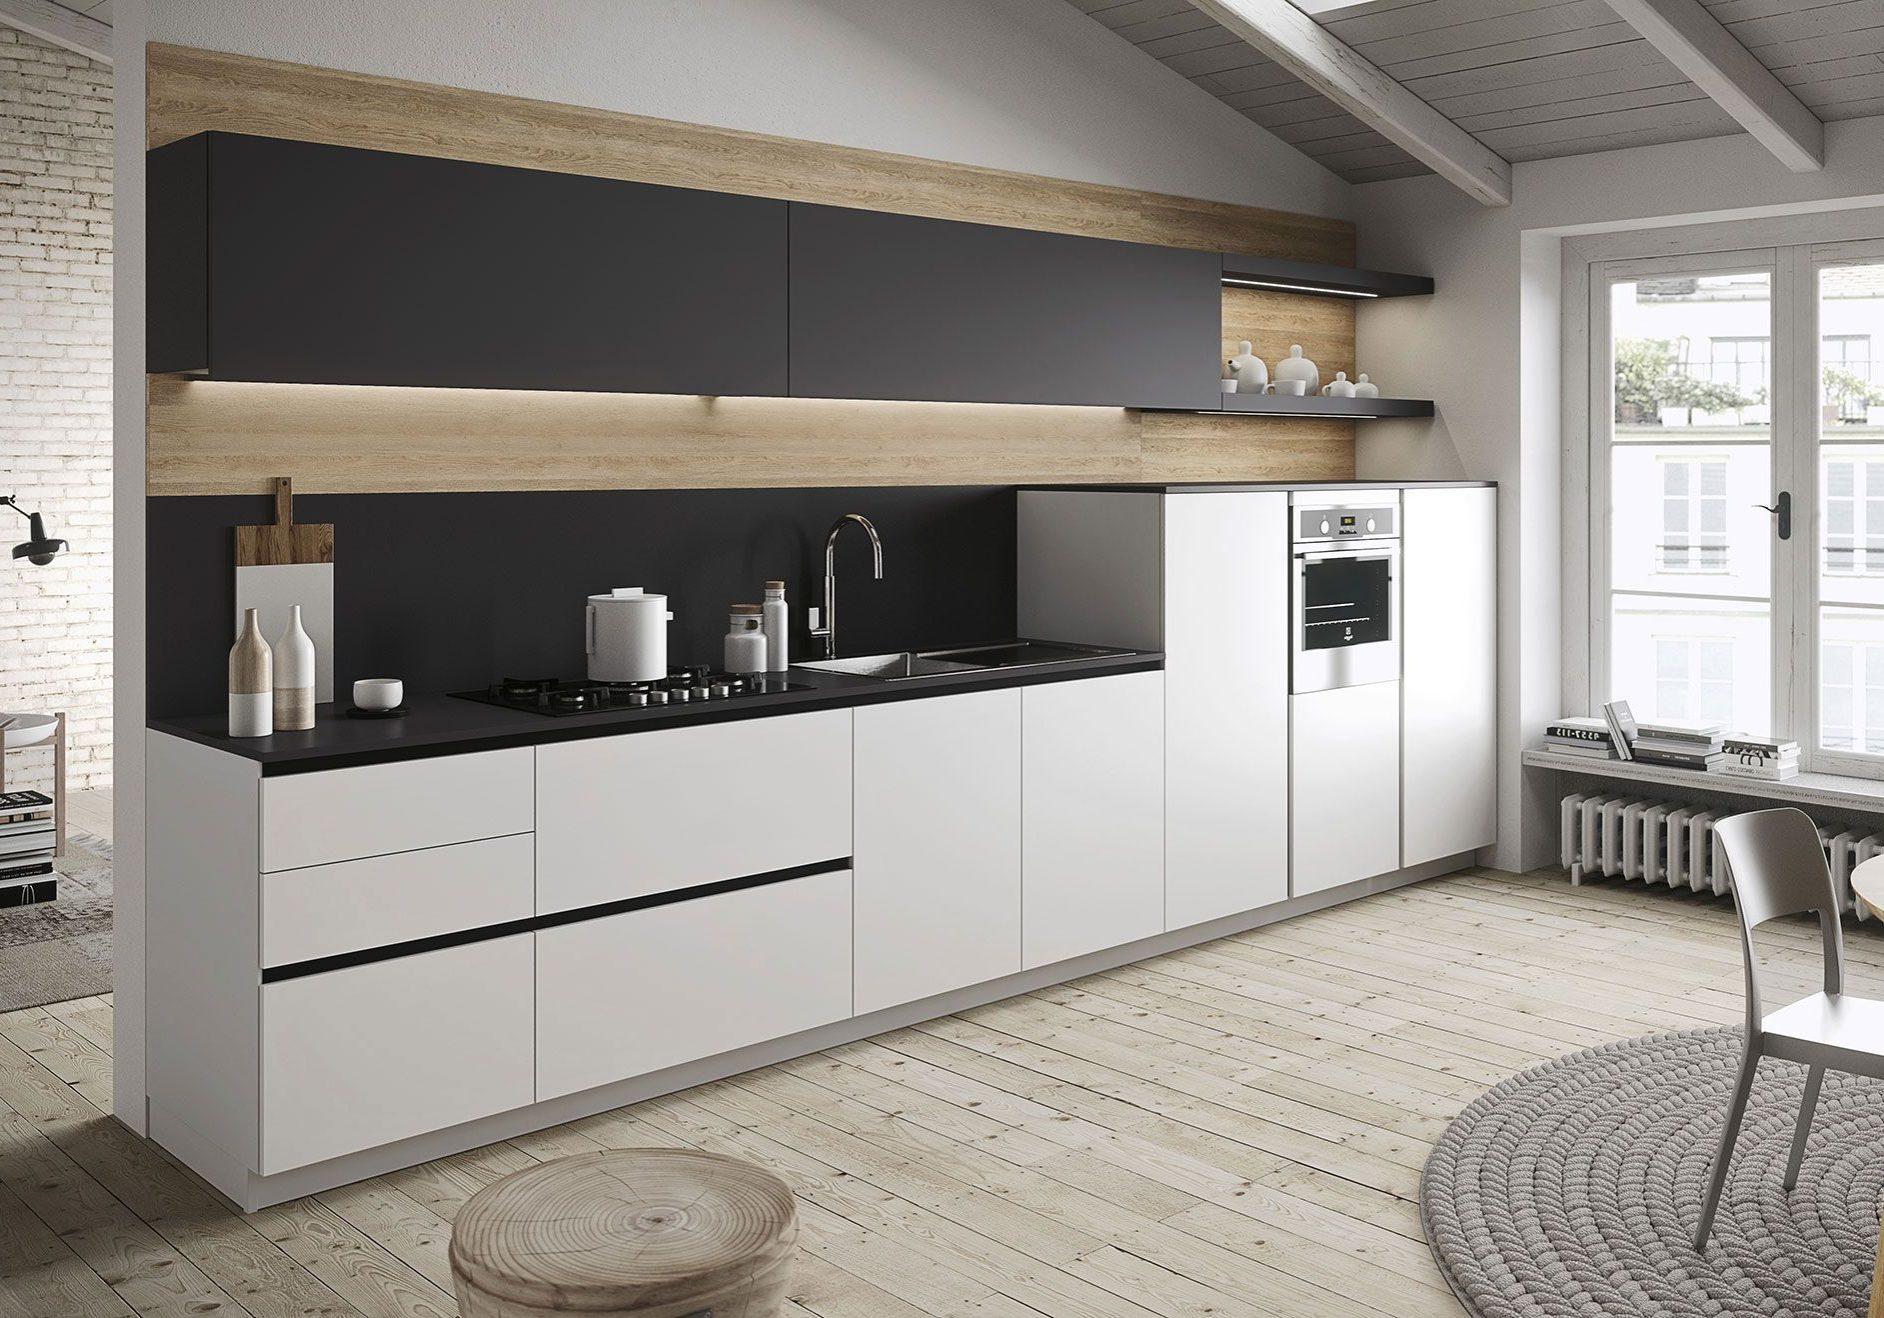 Прямая серо-белая кухня, матовая с деревом